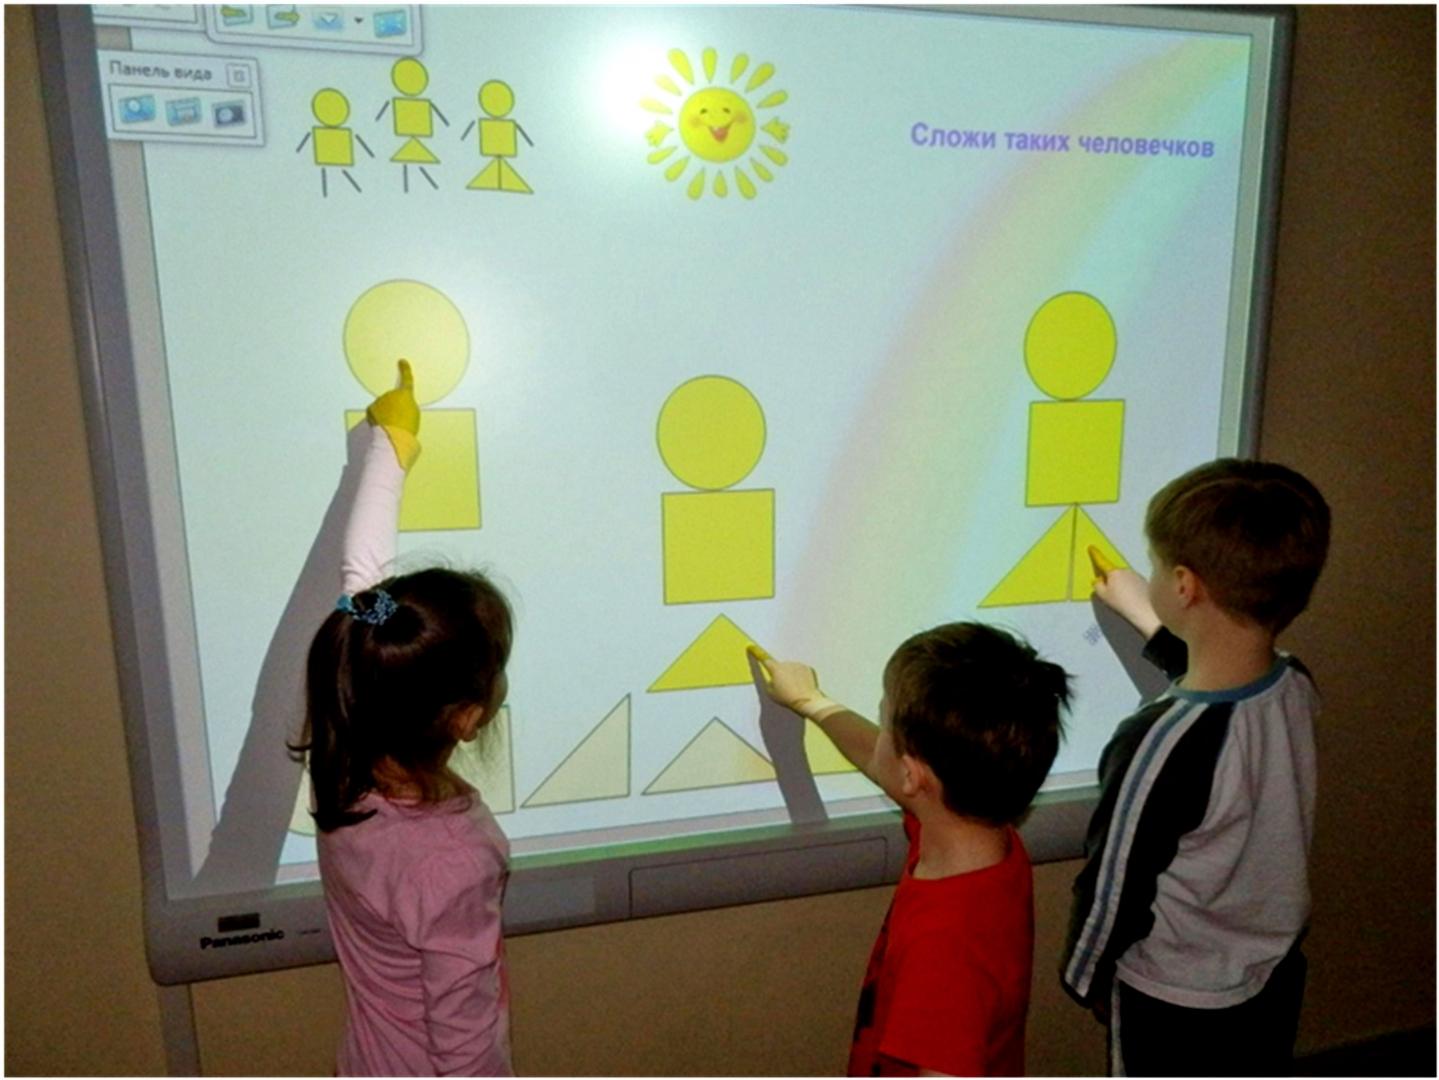 Интерактивная доска — главный инструмент российской цифровой педагогики